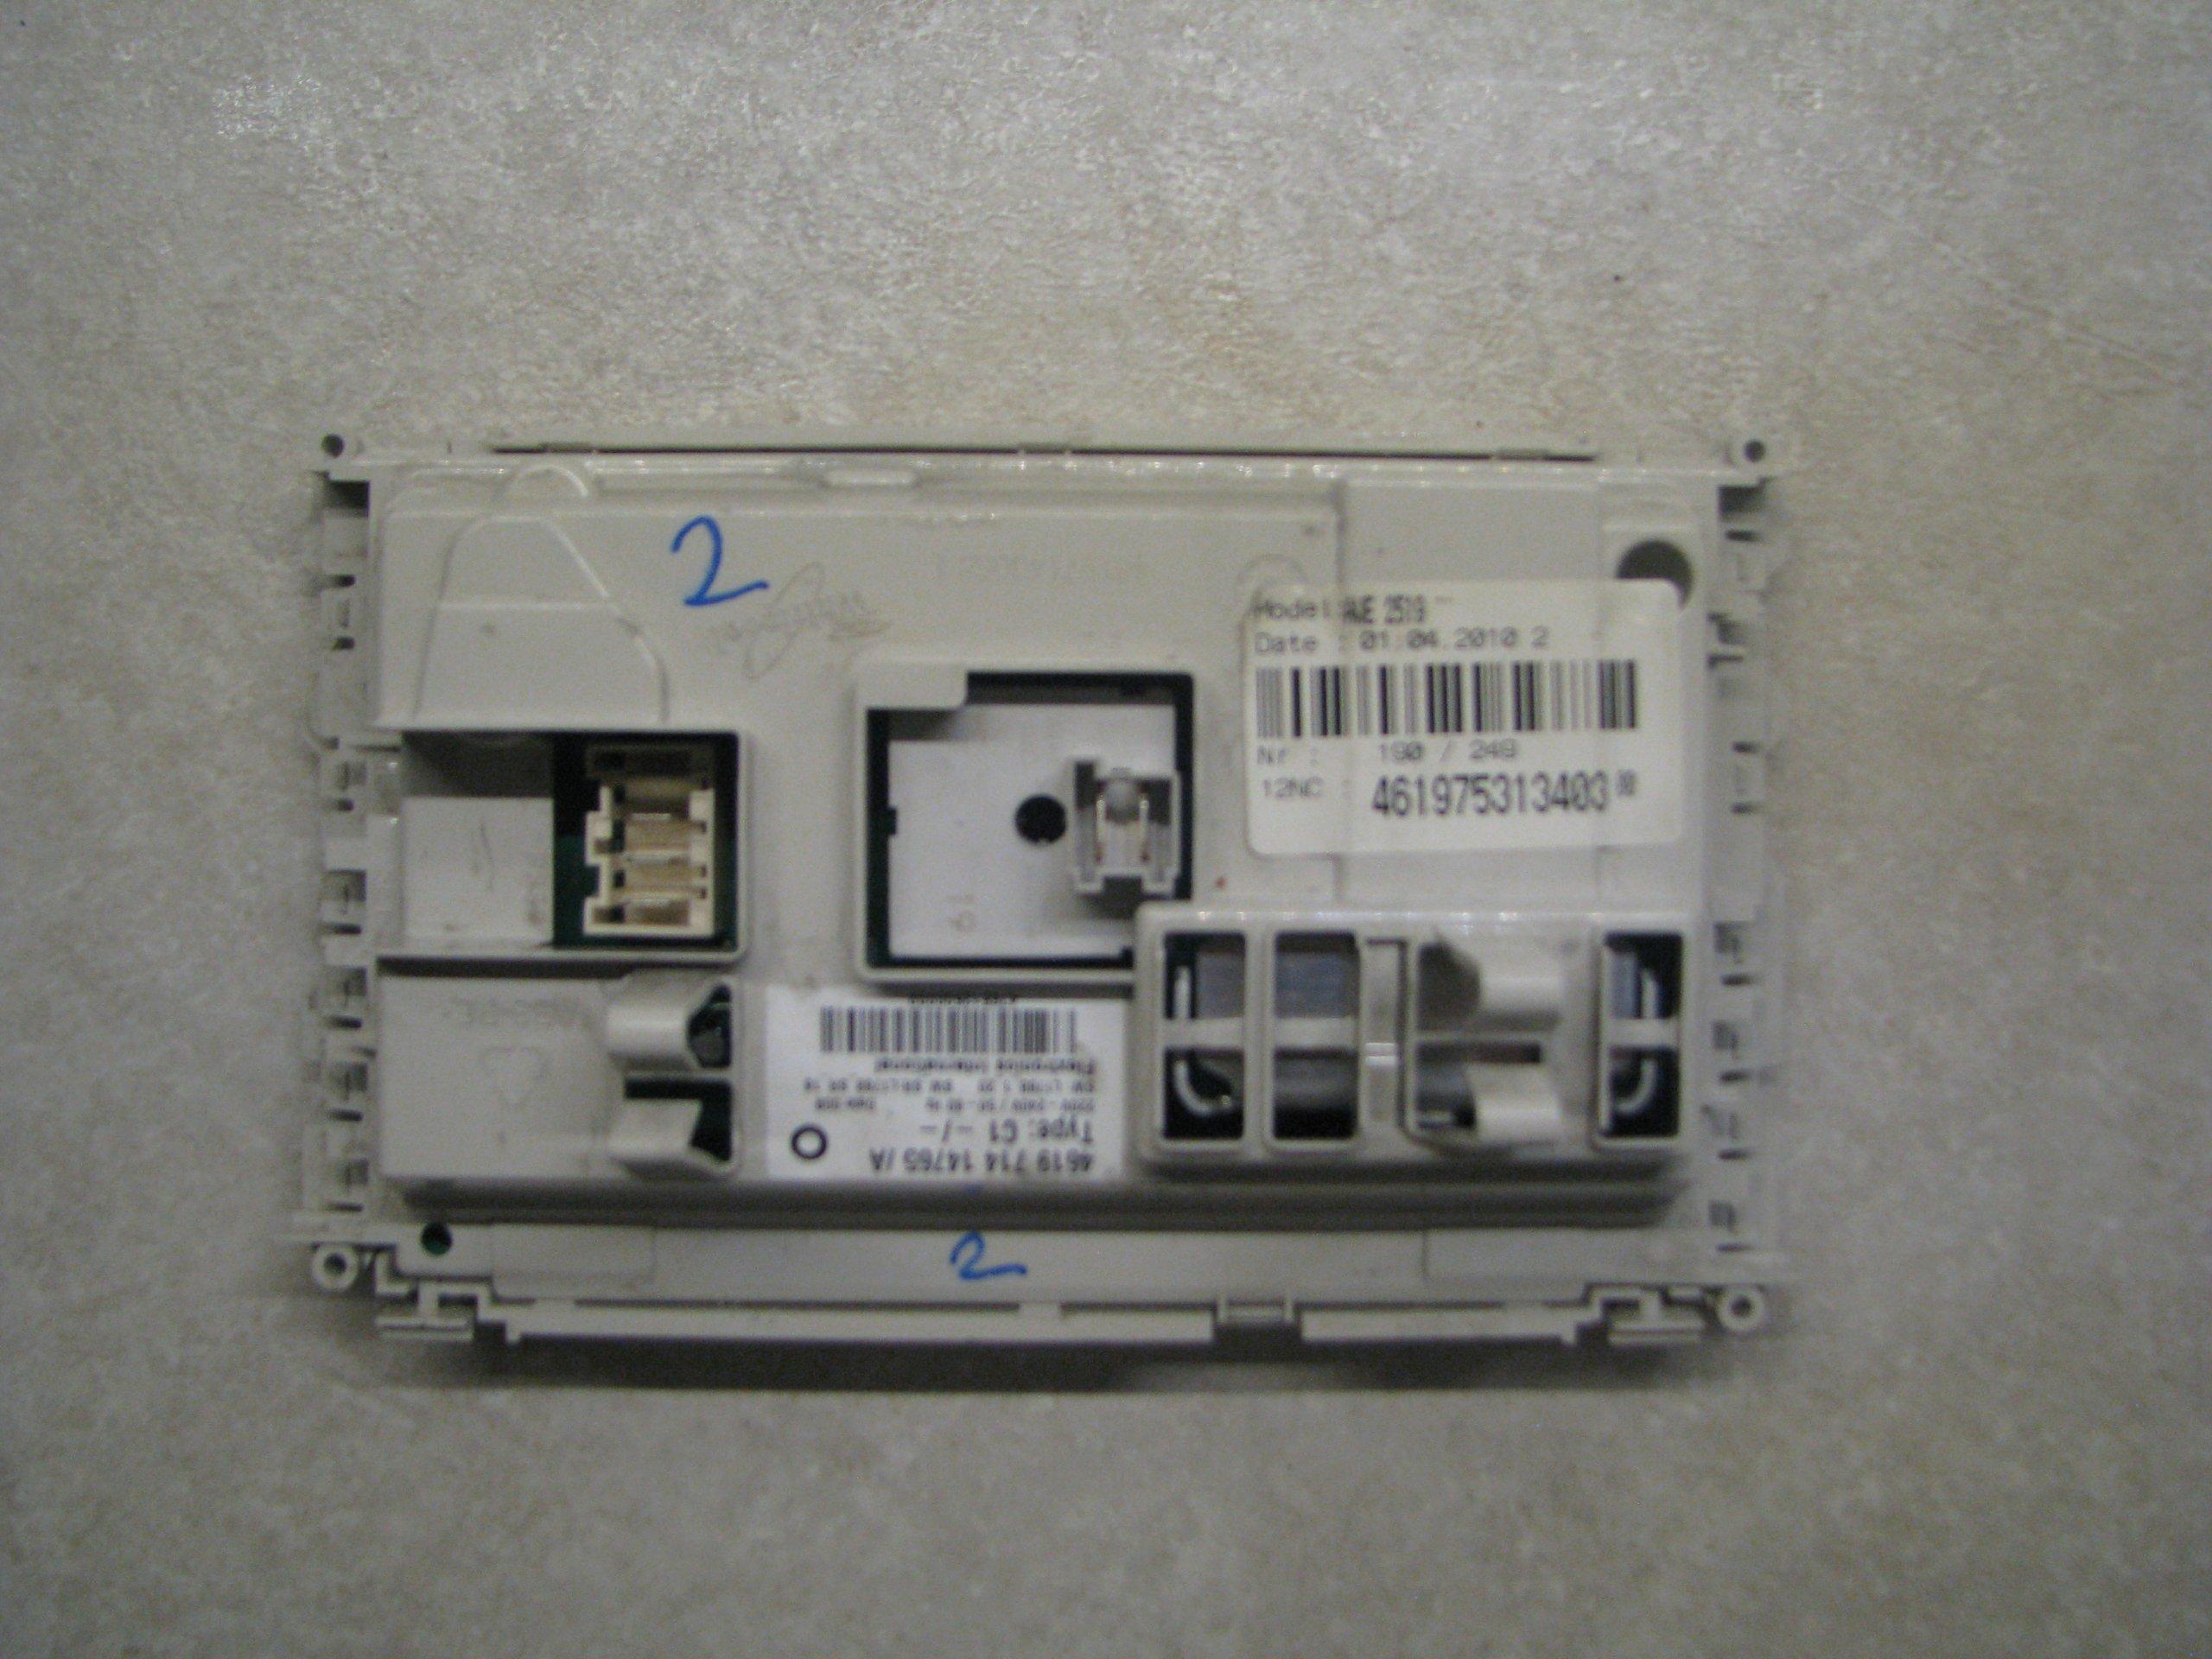 Nowość Moduł programator pralki Whirlpool AWE 2519 - 7112405156 ID29